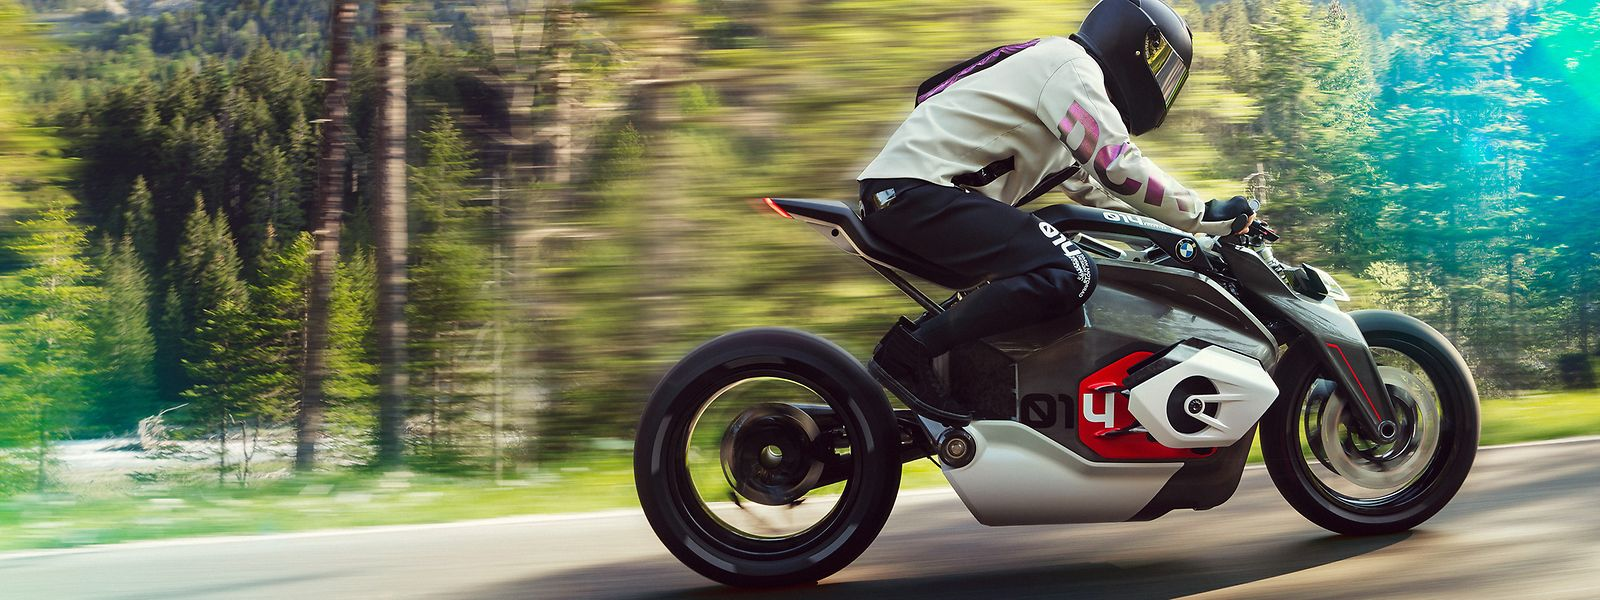 BMW Motorrad hat die typische Anmutung eines Boxermotors auf das Erscheinungsbild des DC Roadster übertragen.